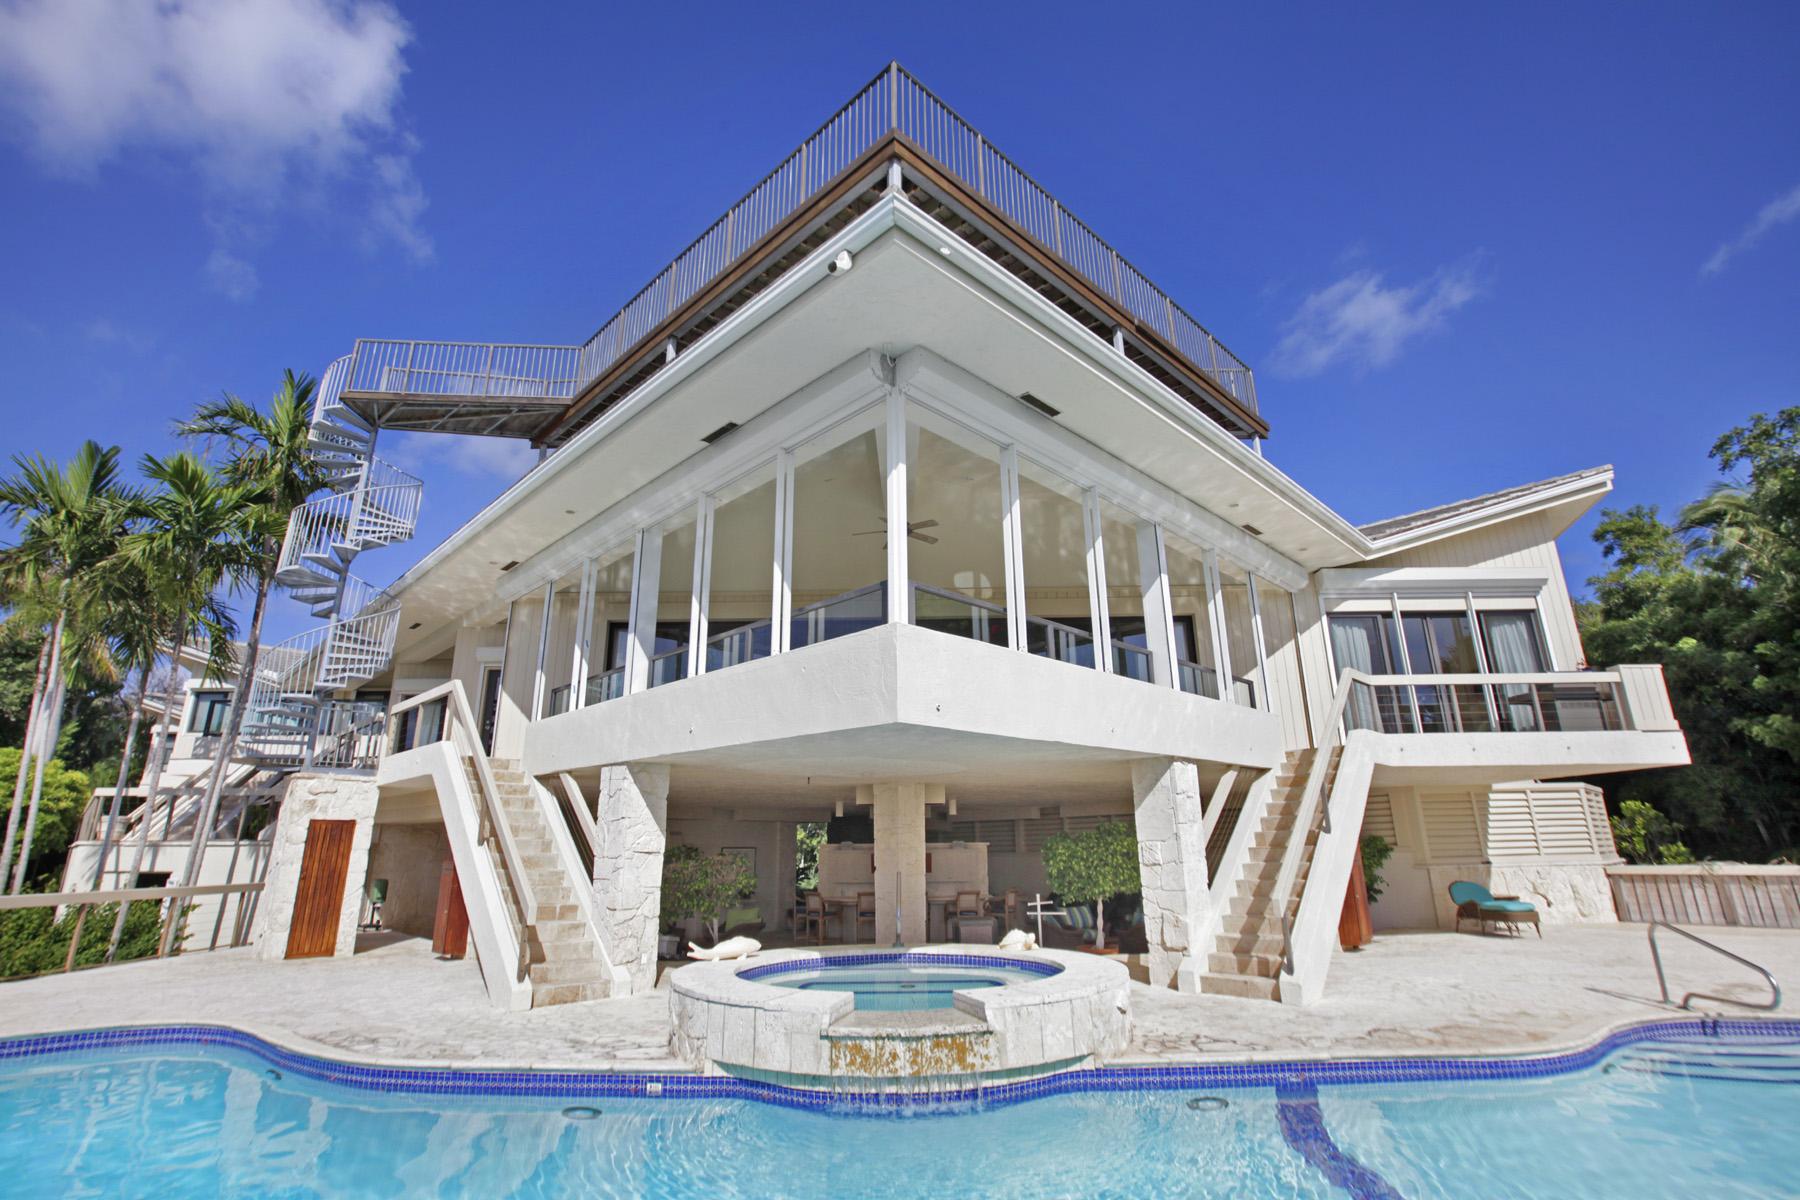 一戸建て のために 売買 アット Truly Unique Ocean front Home at Ocean Reef 19 Sunrise Cay Drive Key Largo, フロリダ 33037 アメリカ合衆国